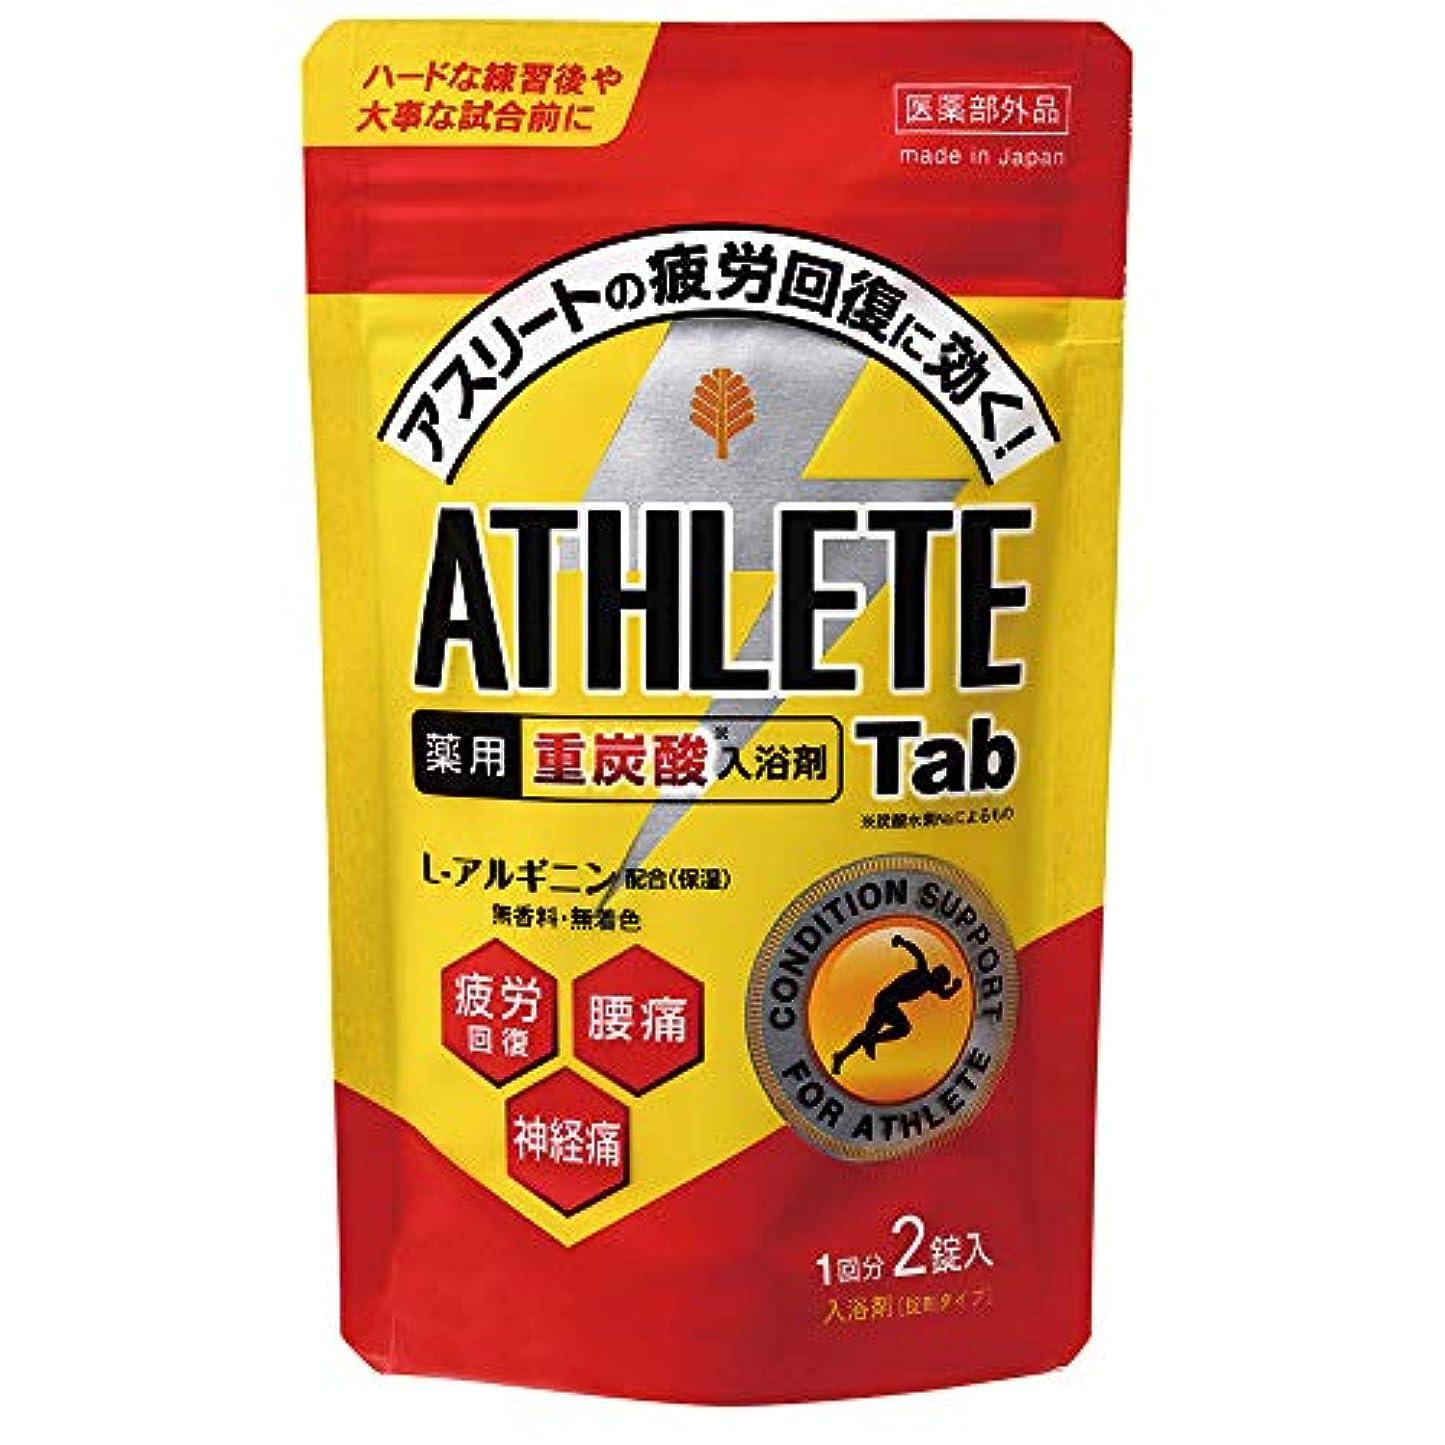 緩やかな包括的胴体日本製 made in japan 薬用 ATHLETE Tab2錠x1パック BT-8572 【まとめ買い12個セット】